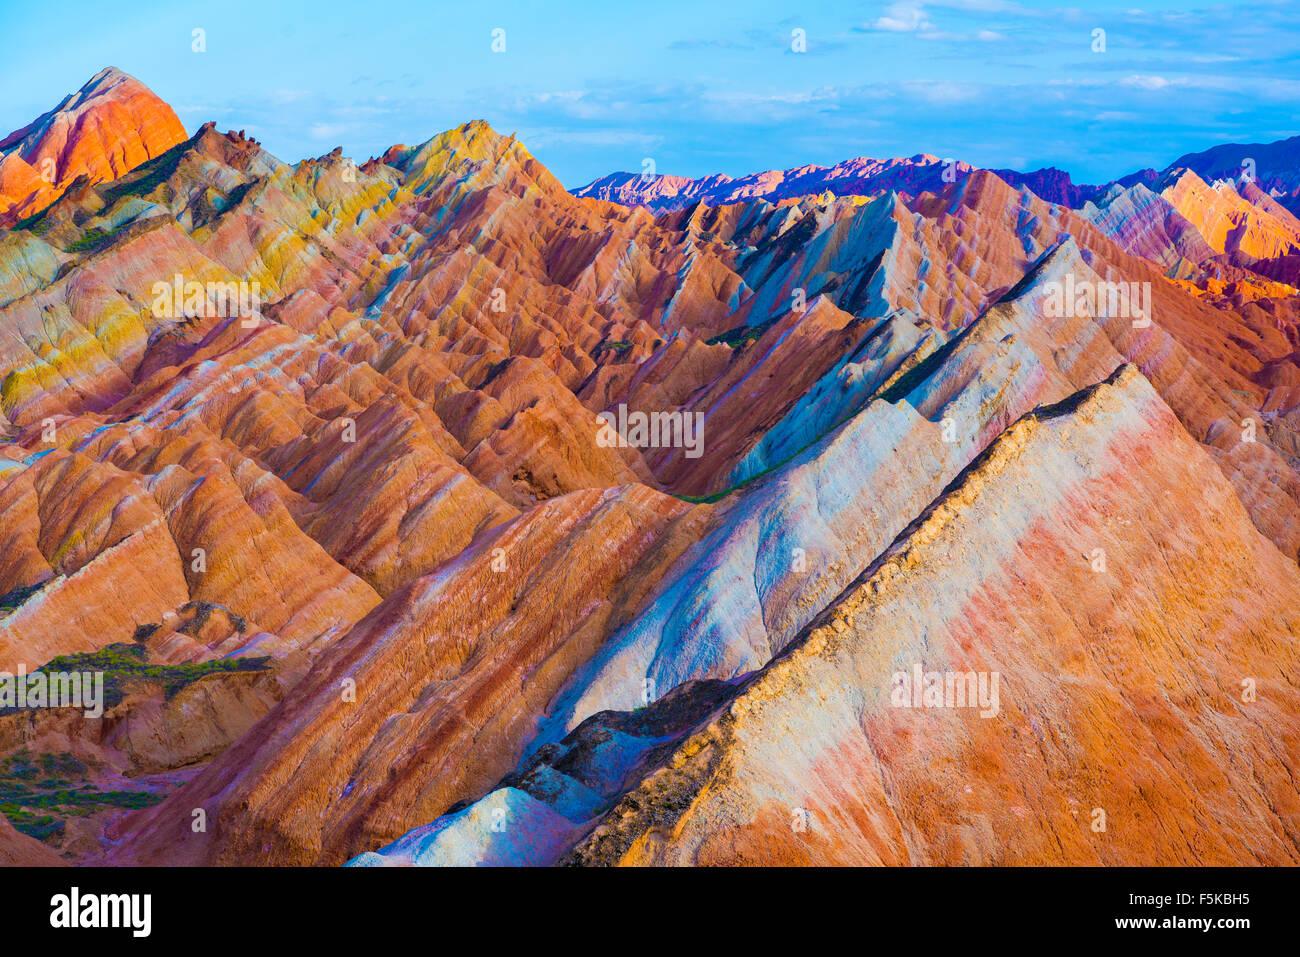 Forme Coloful a Zhanhye Danxie Geo Park, la Cina nella provincia del Gansu, Ballands erosi in colori muliple Immagini Stock